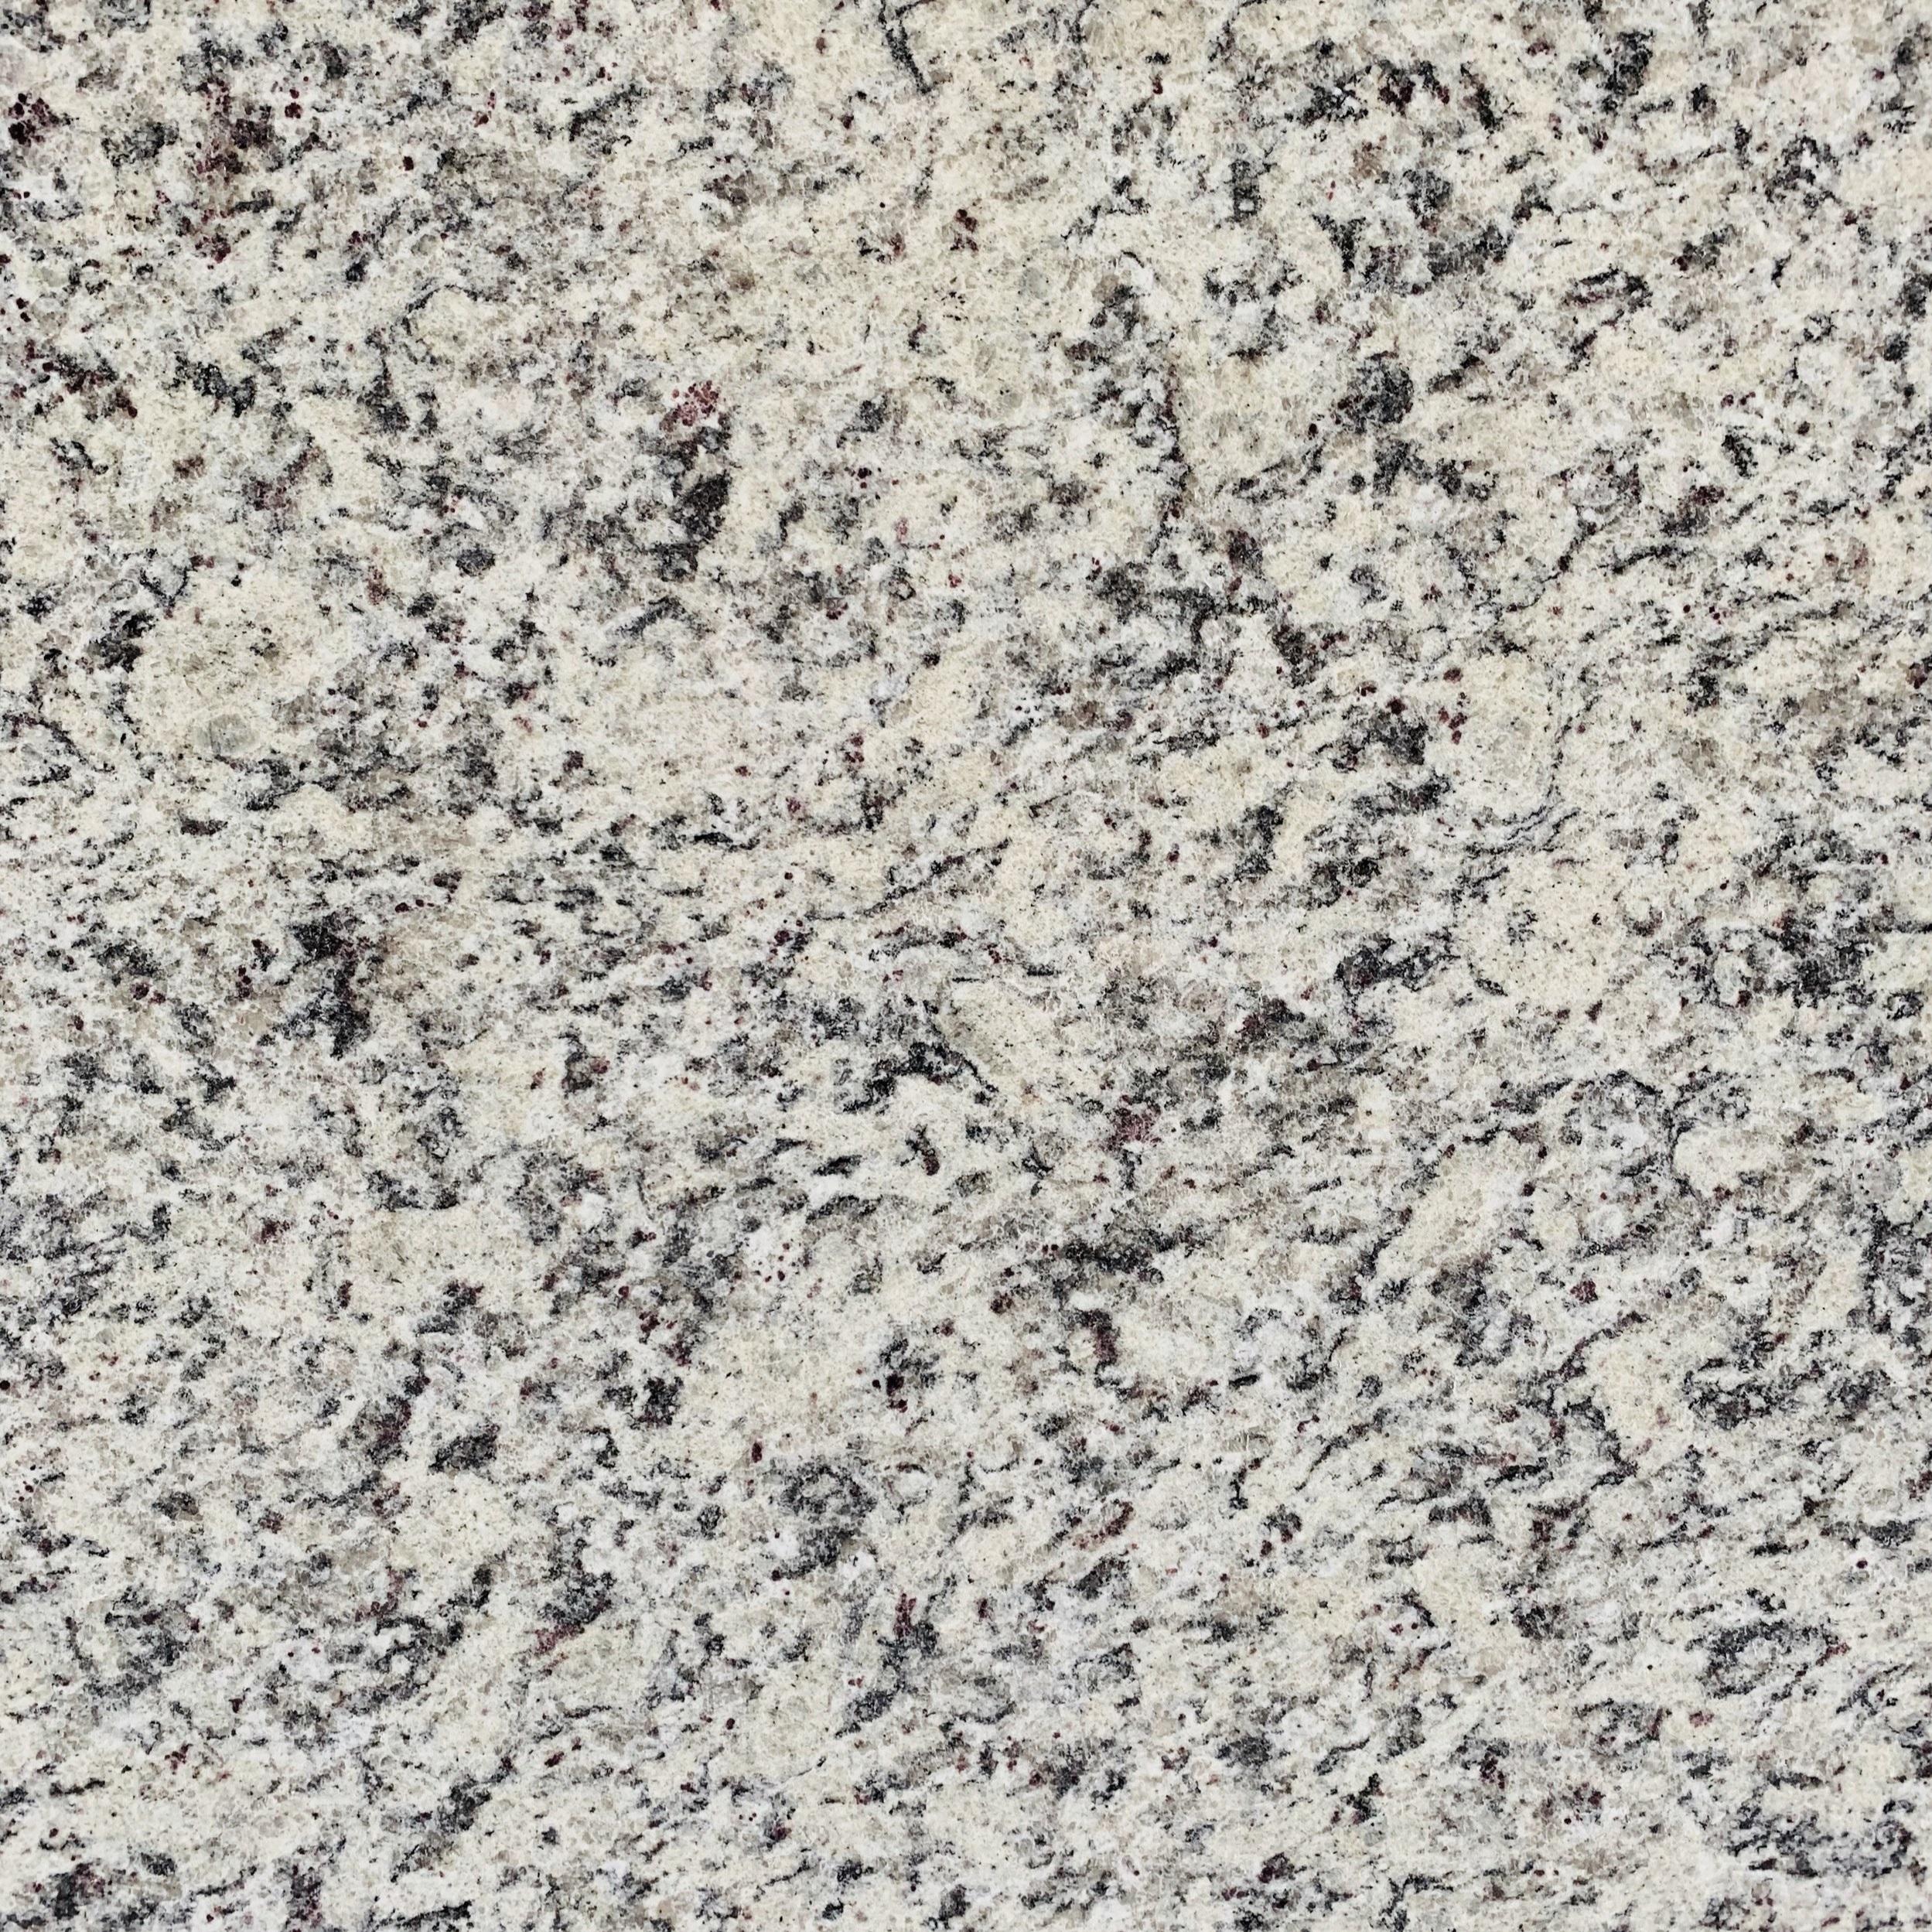 Ashen/Dallas White 3cm